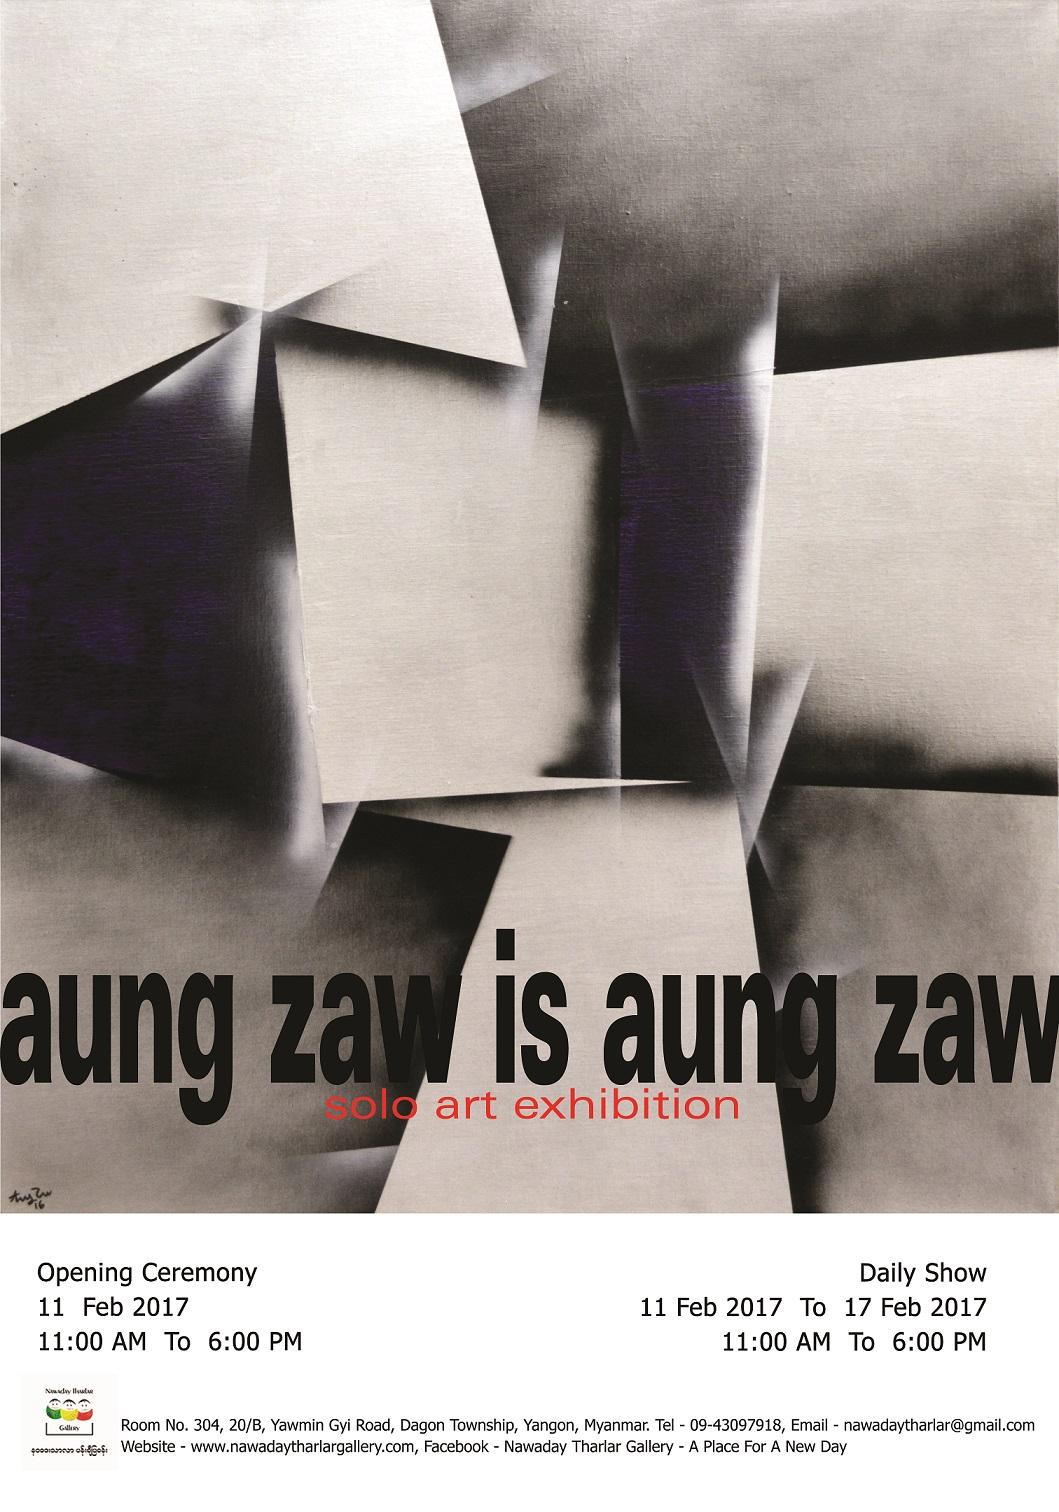 Aung Zaw